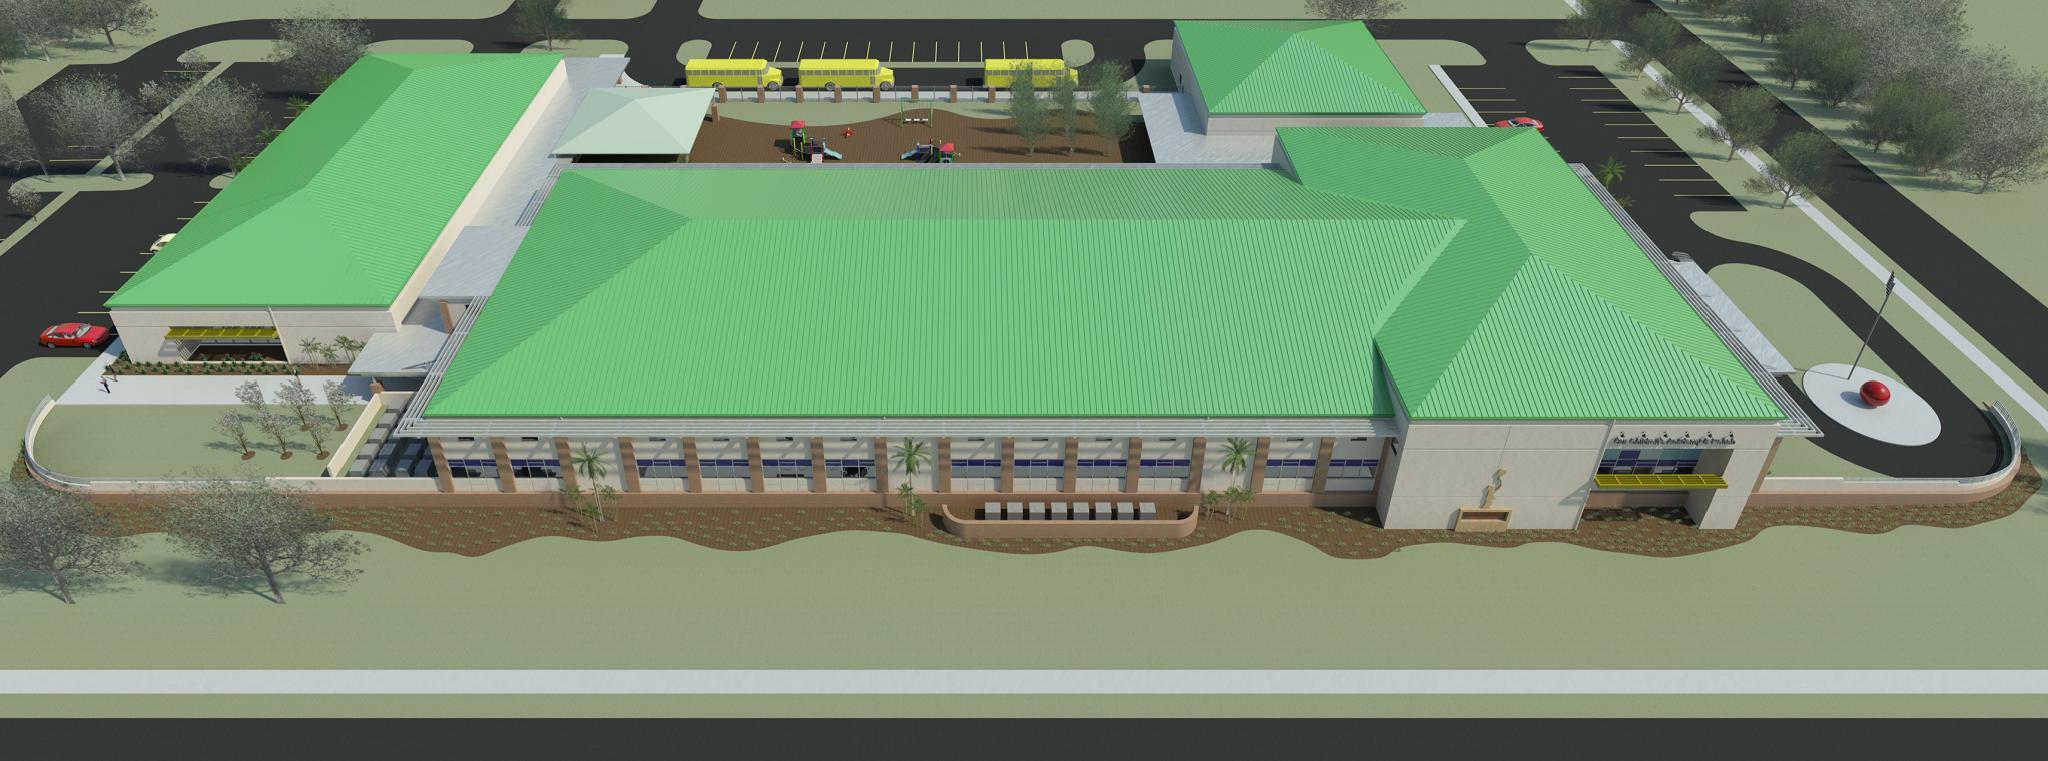 3D View 4 rendering (print).jpg